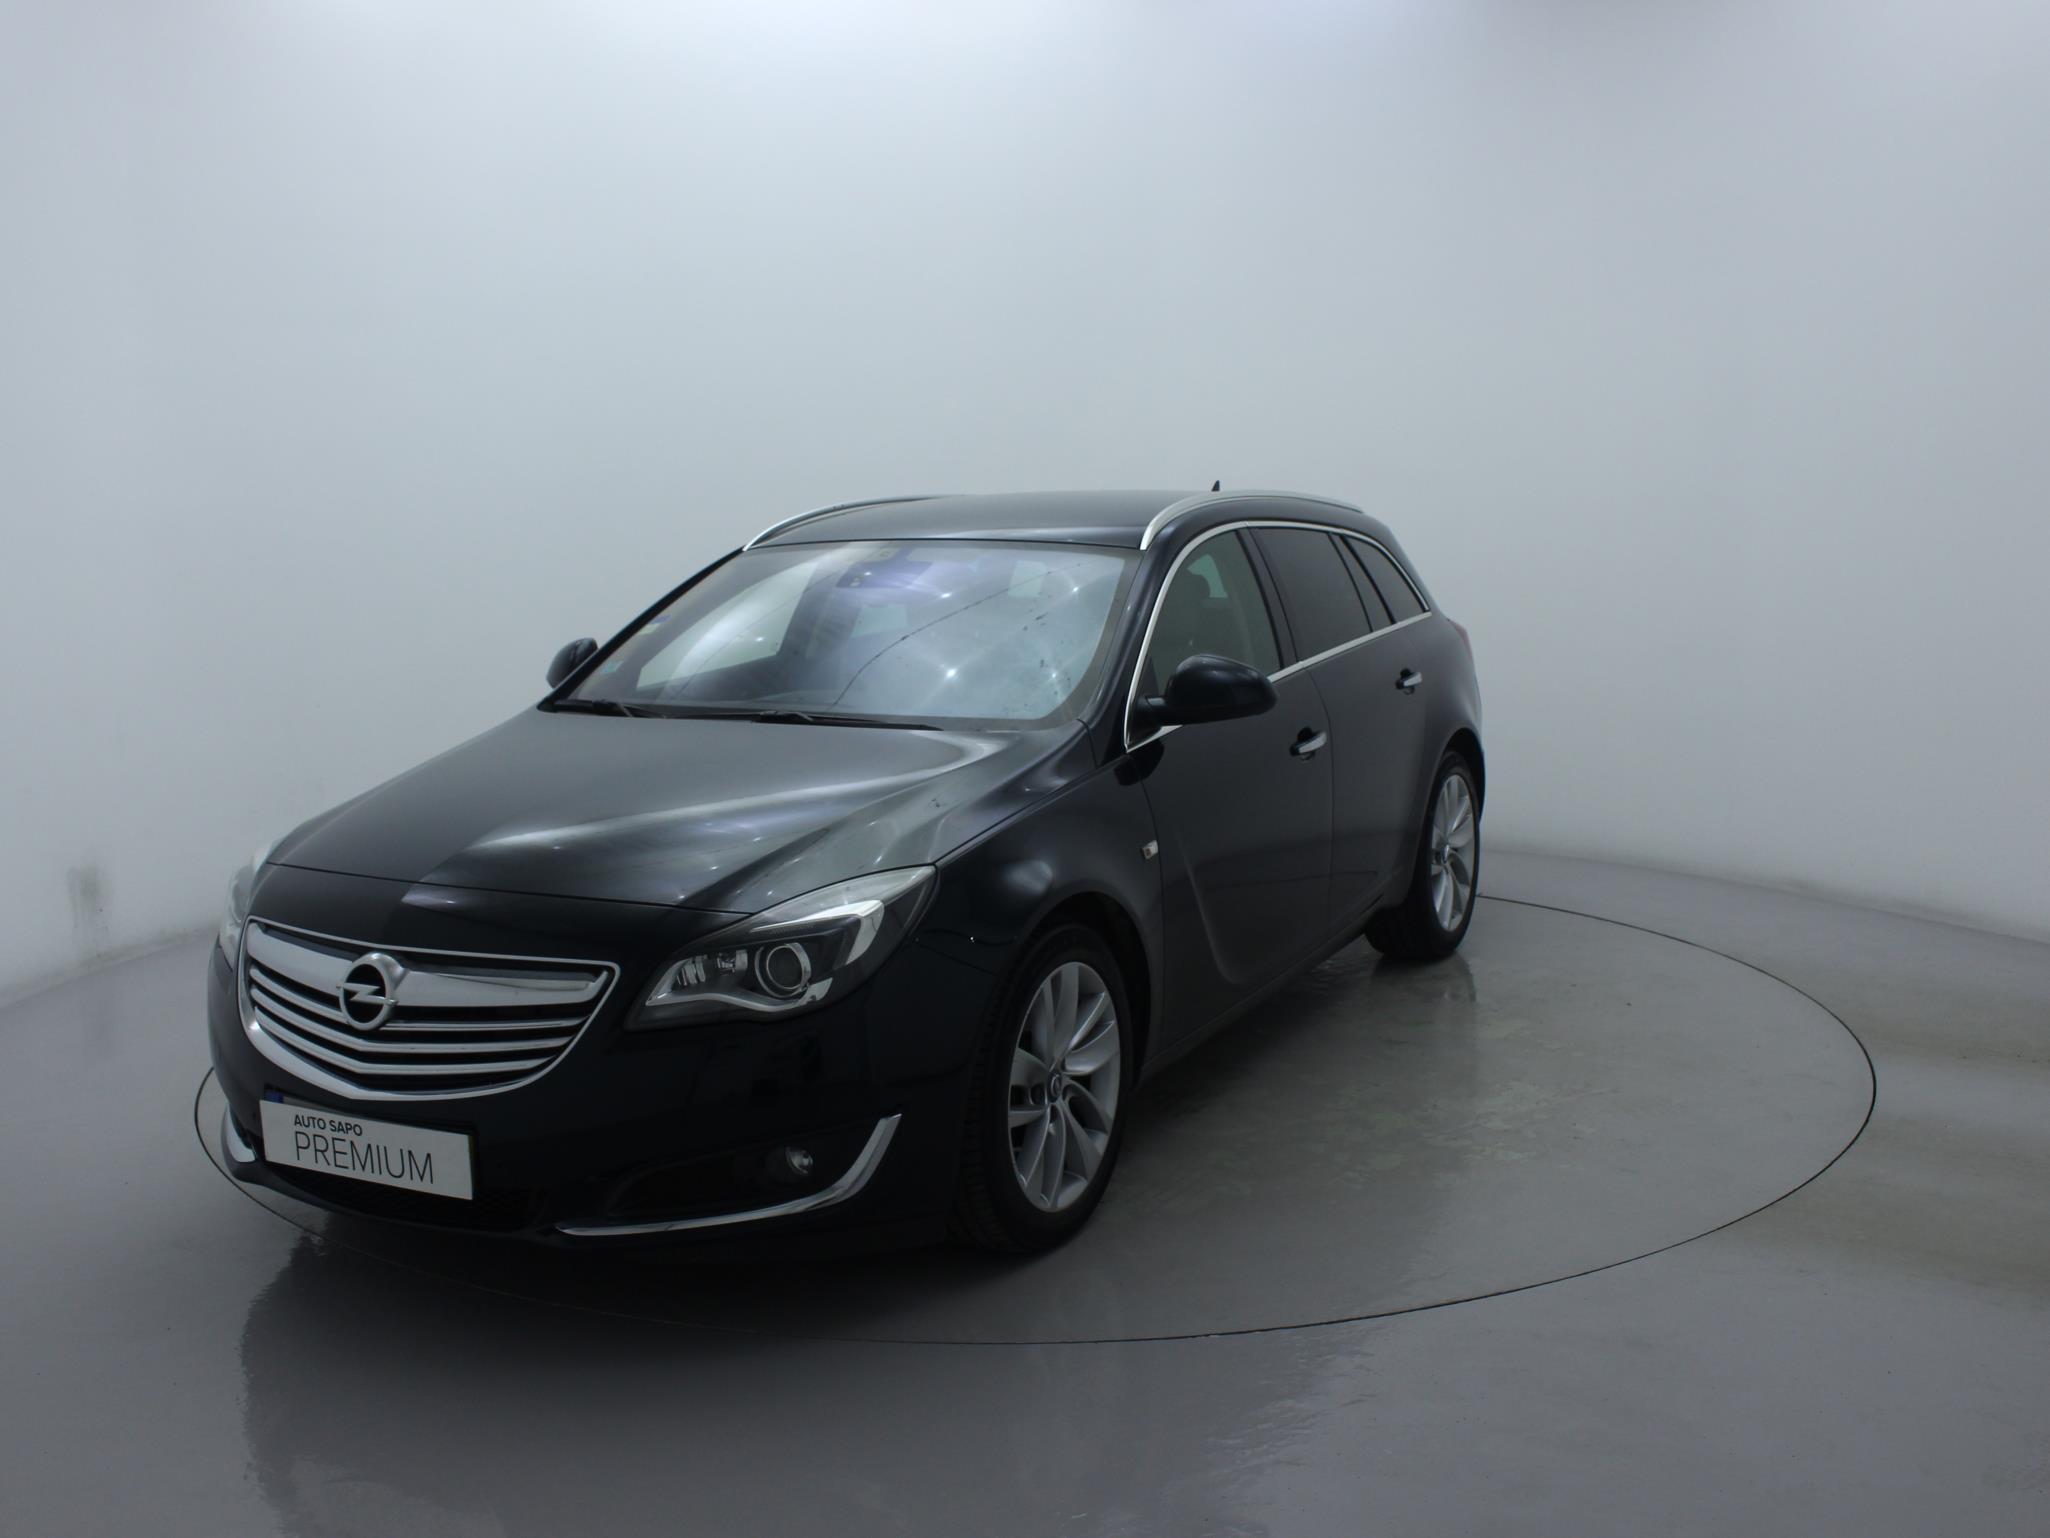 Opel Insignia 2.0 CDTi Cosmo S/S (140cv) (5p) (2013 a presente)